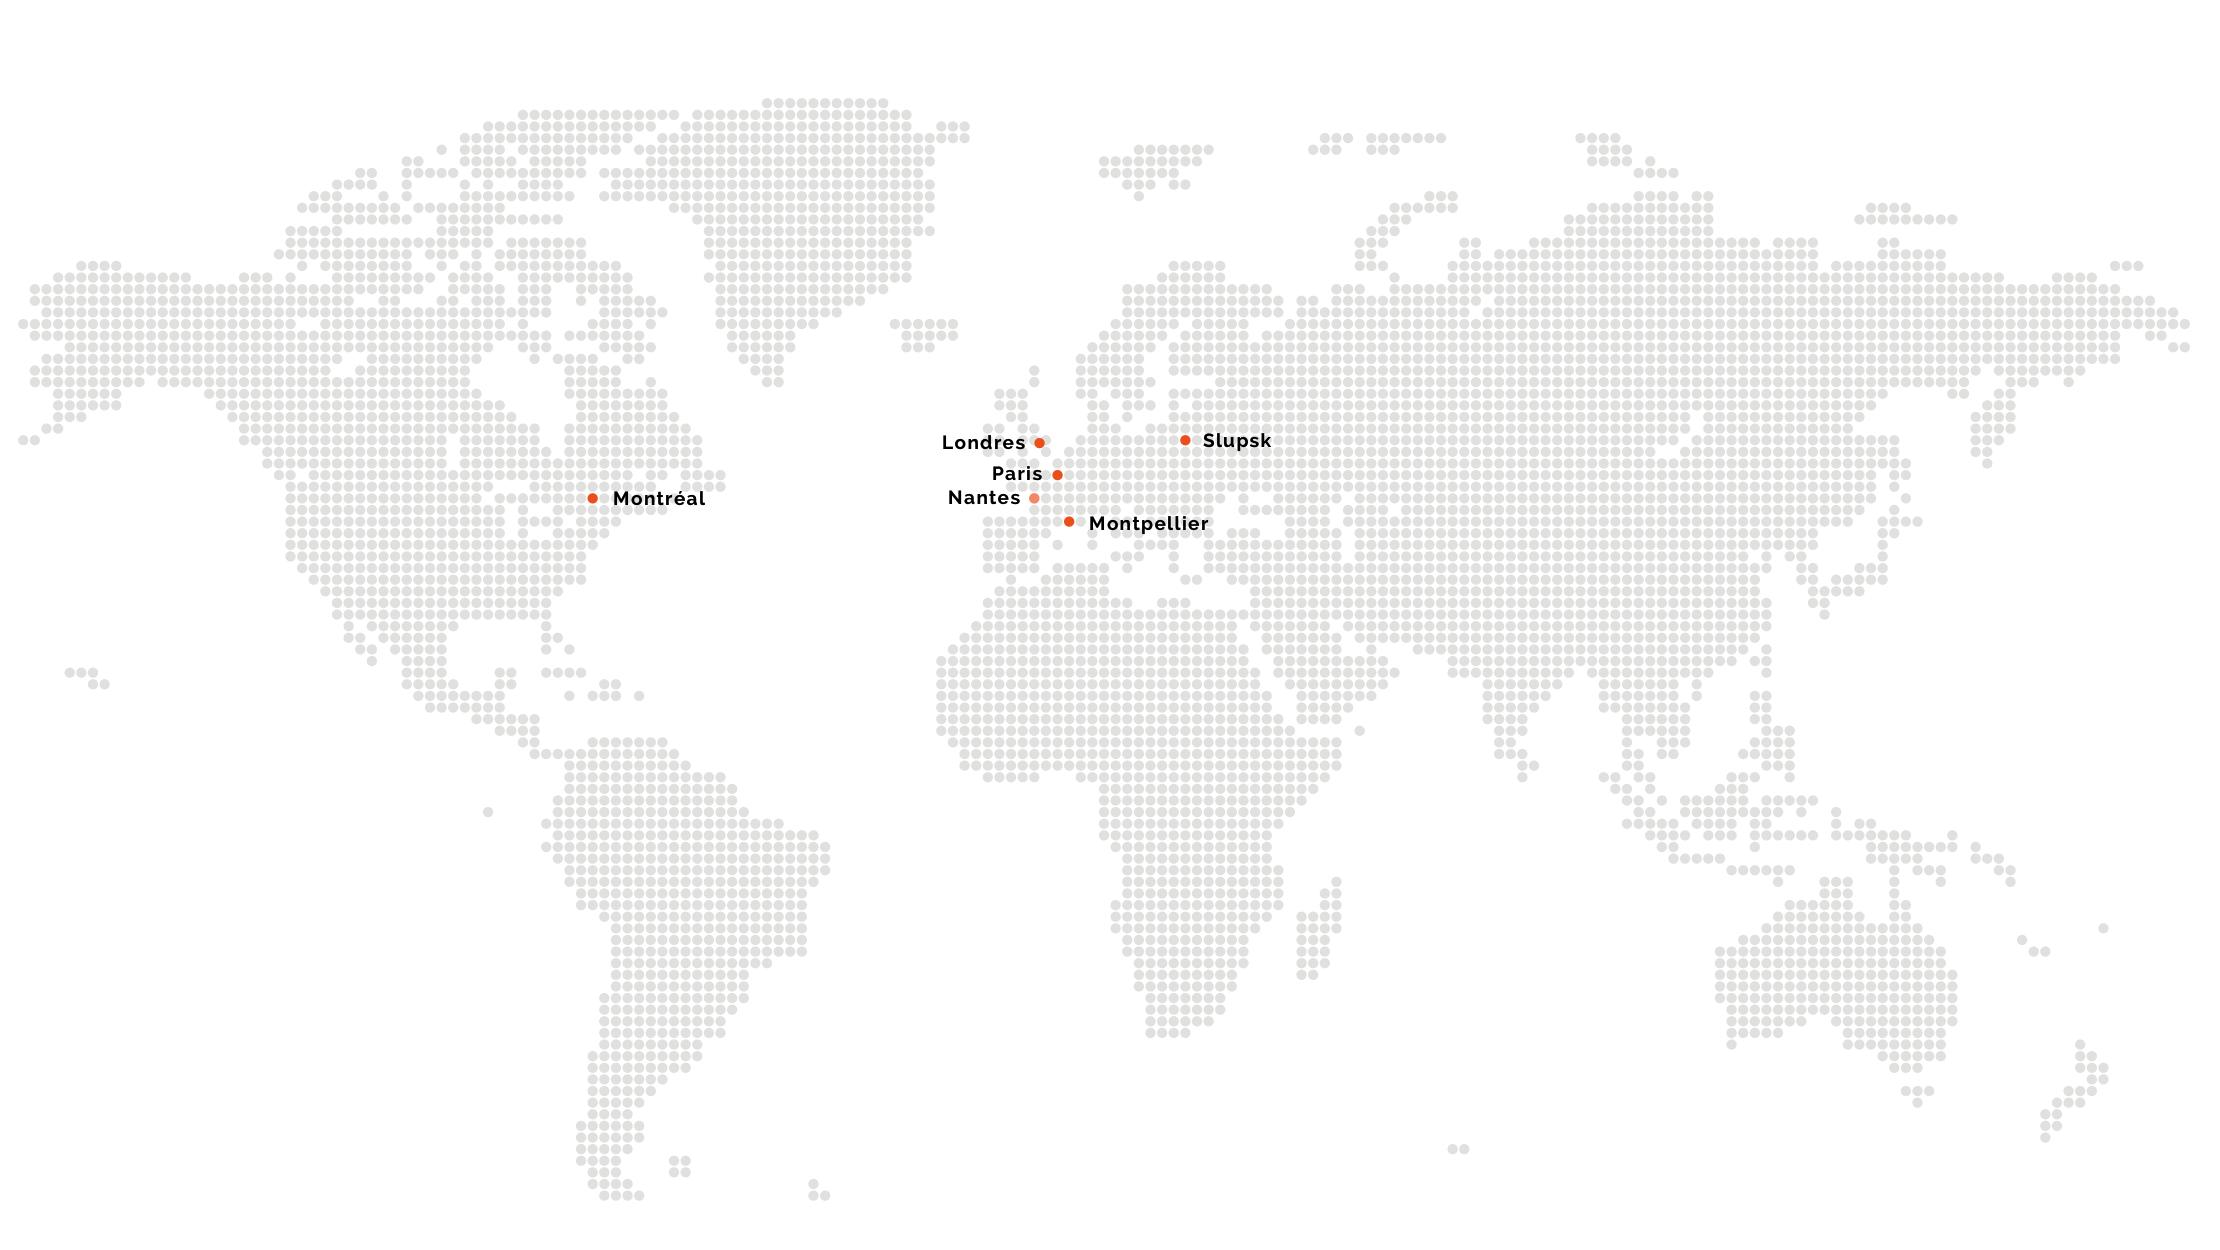 carte des agences Kaliop